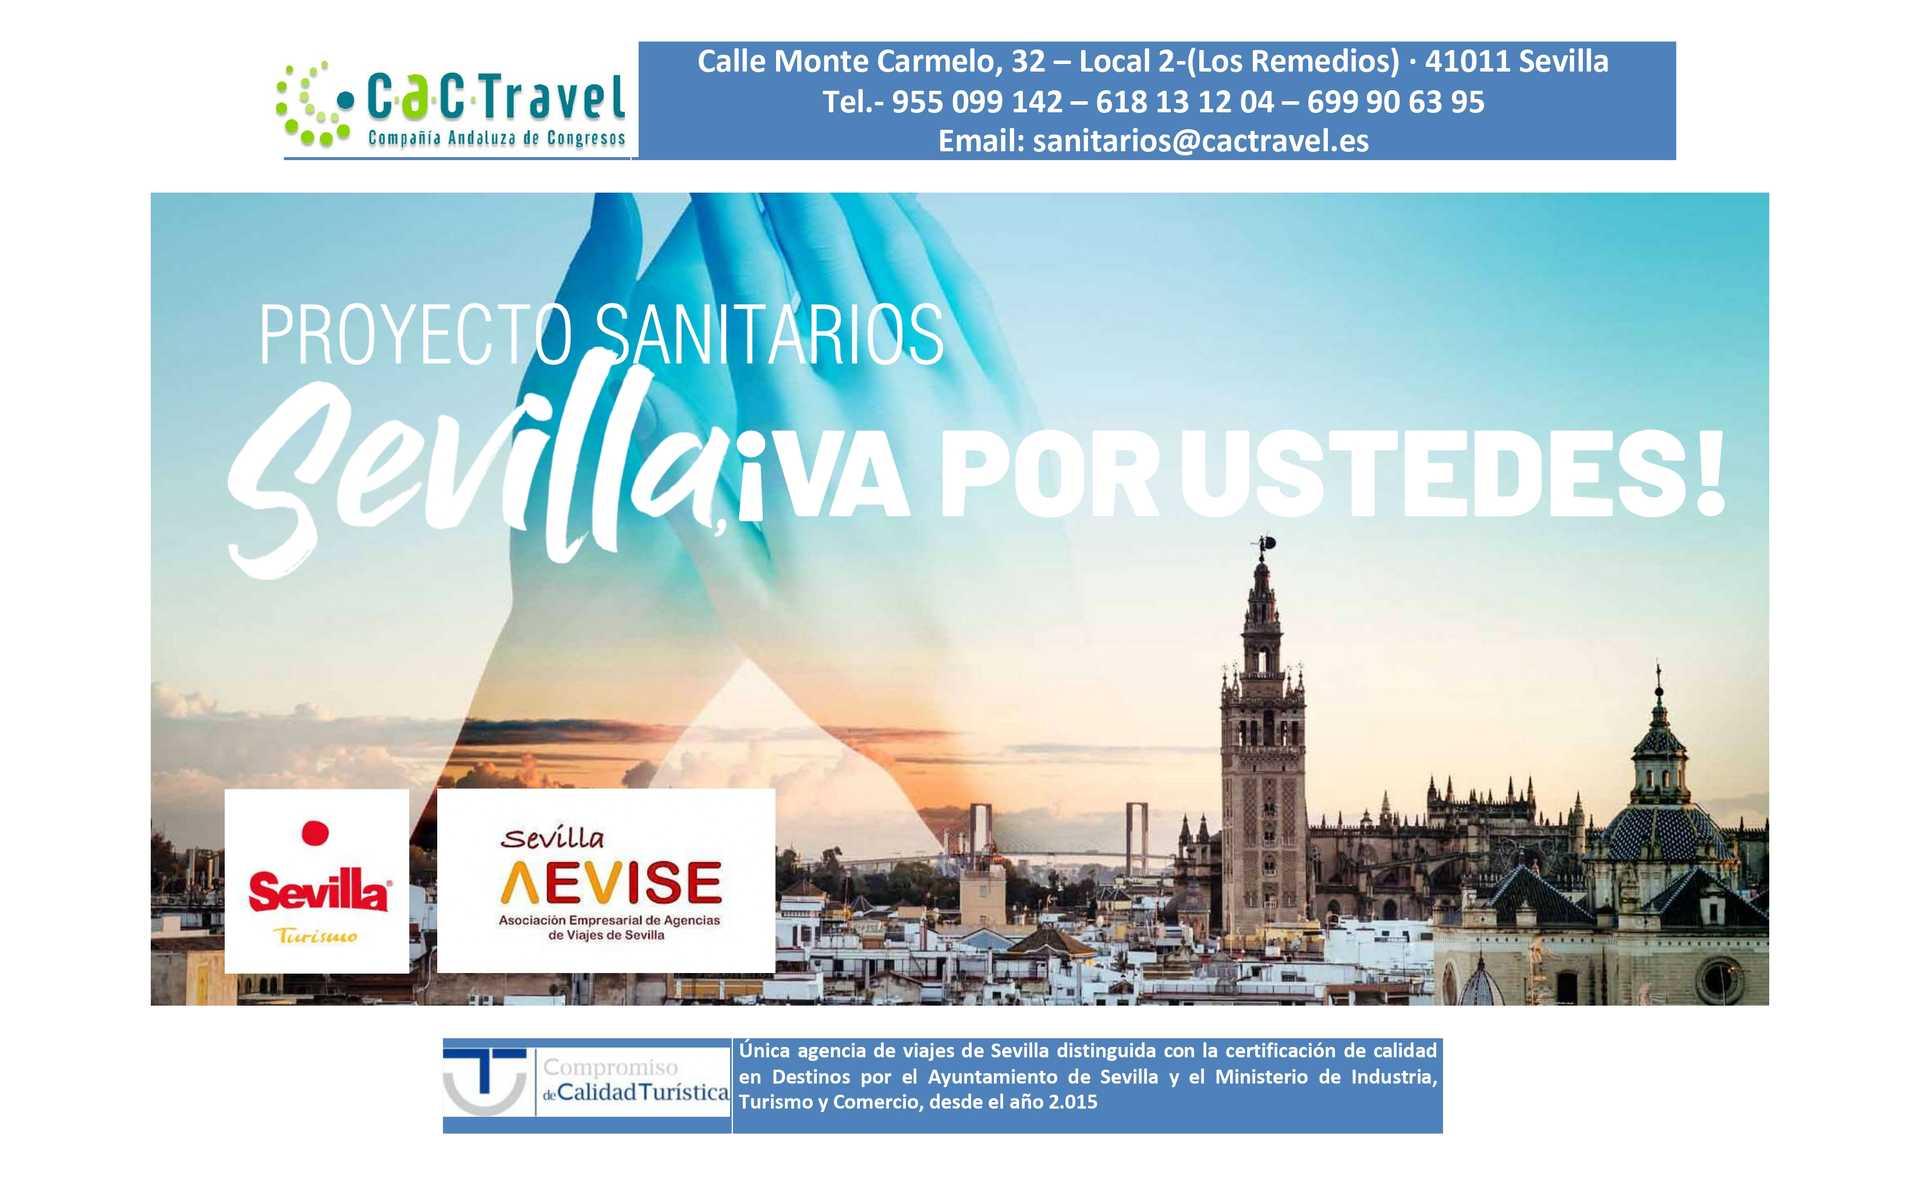 Hamelin: Sevilla ¡Va por ustedes! Oferta especial sanitarios y fuerzas de seguridad - Actividad  (Sevilla)